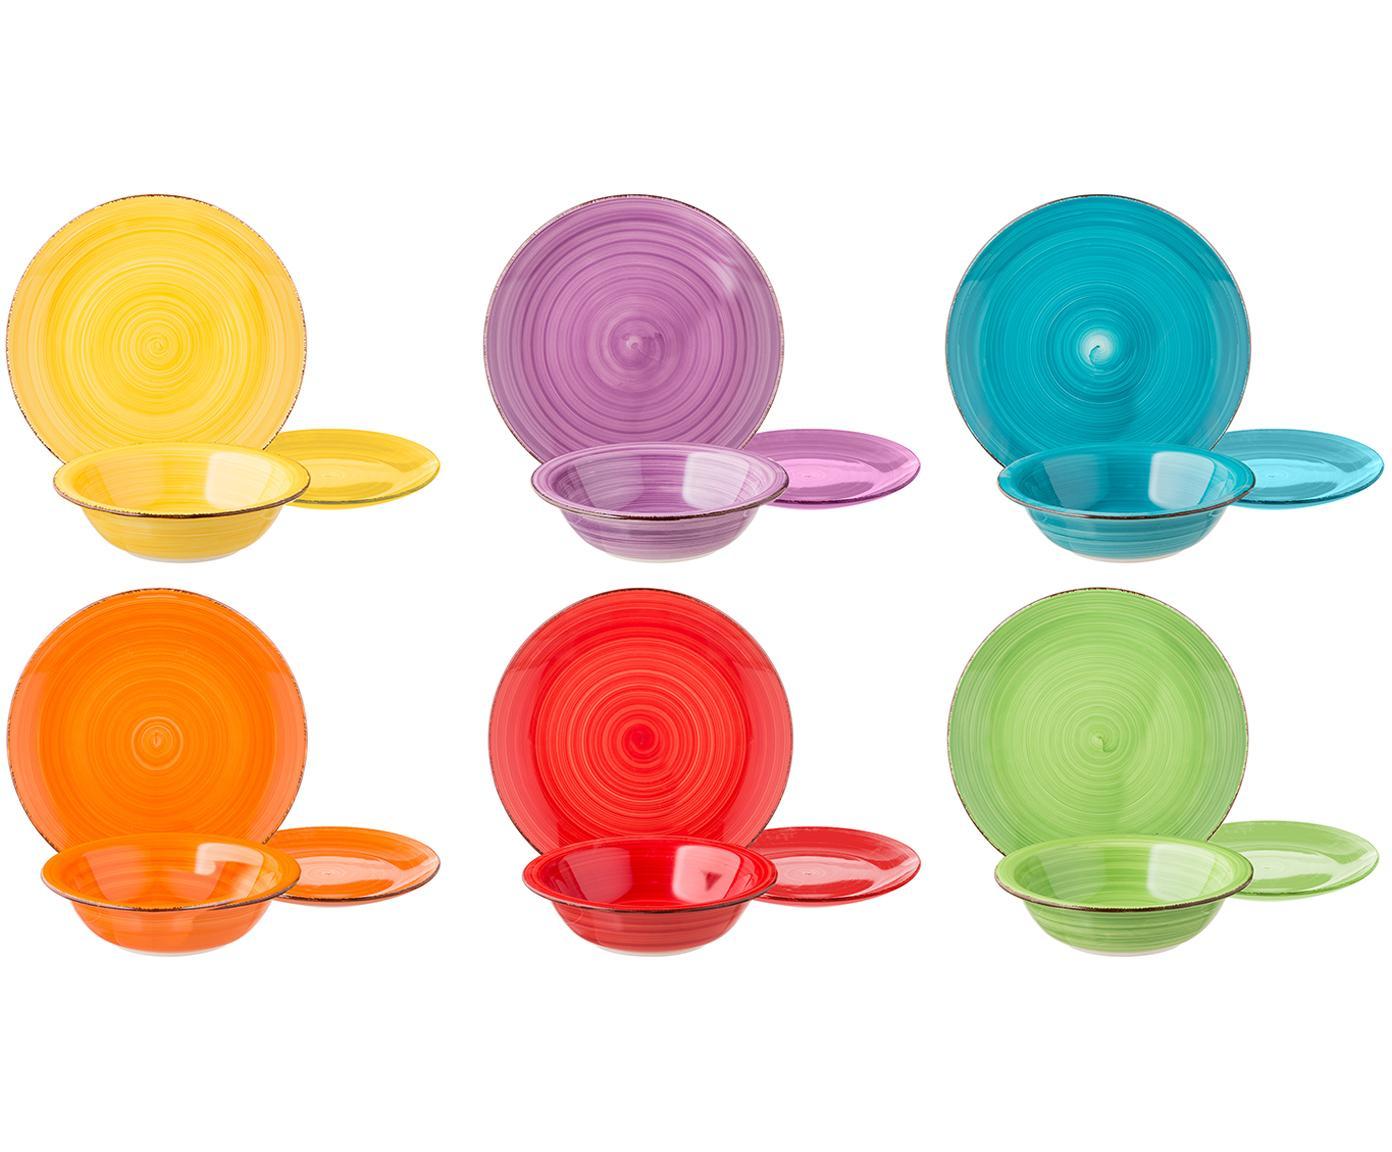 Vajilla Baita, 6comensales (18pzas.), Gres, pintadaamano, Amarillo, lila, turquesa, naranja, rojo, verde, Tamaños diferentes